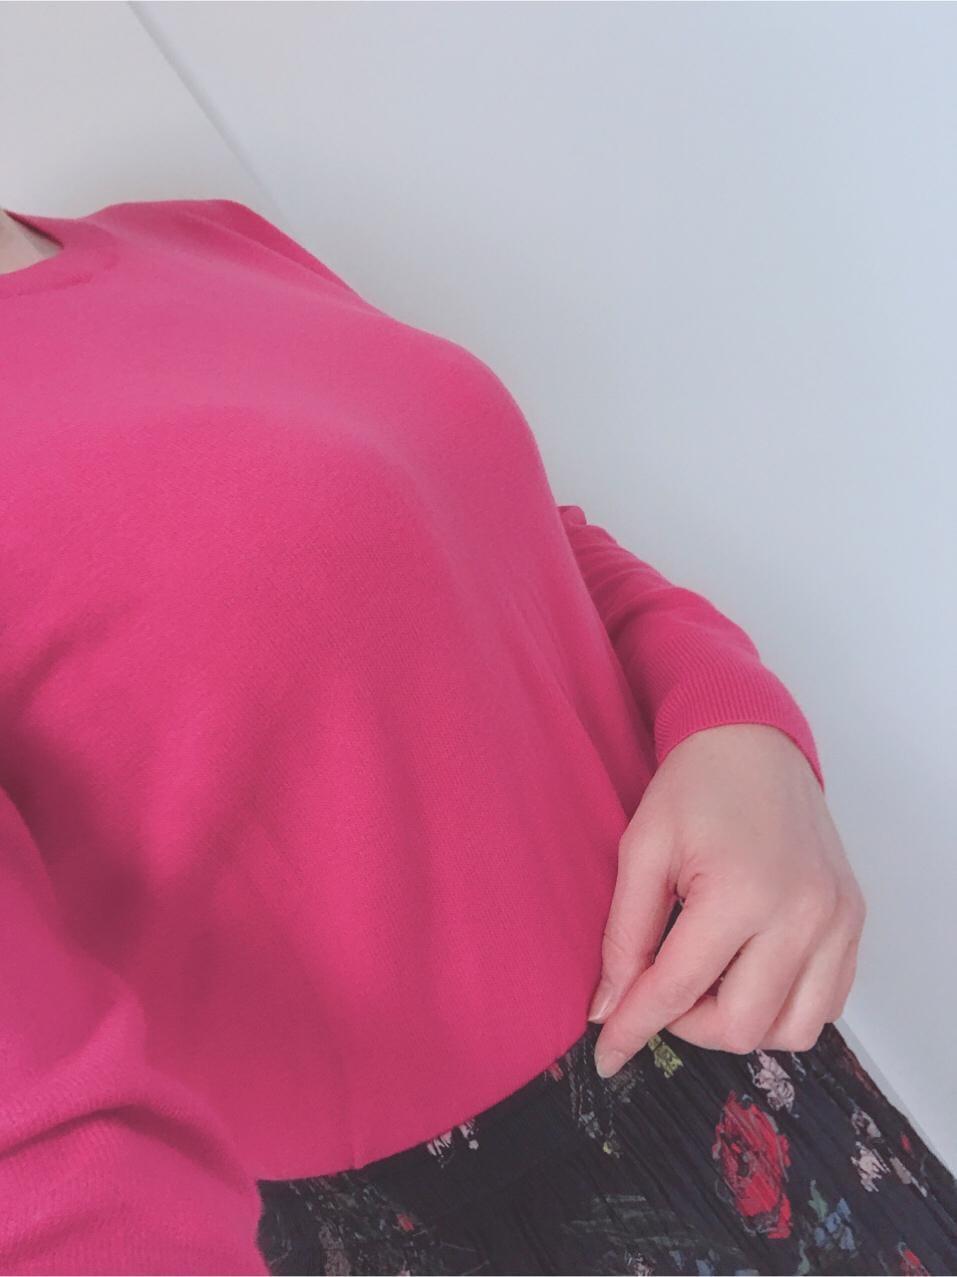 「どちら?」02/25(02/25) 09:48 | みちの写メ・風俗動画